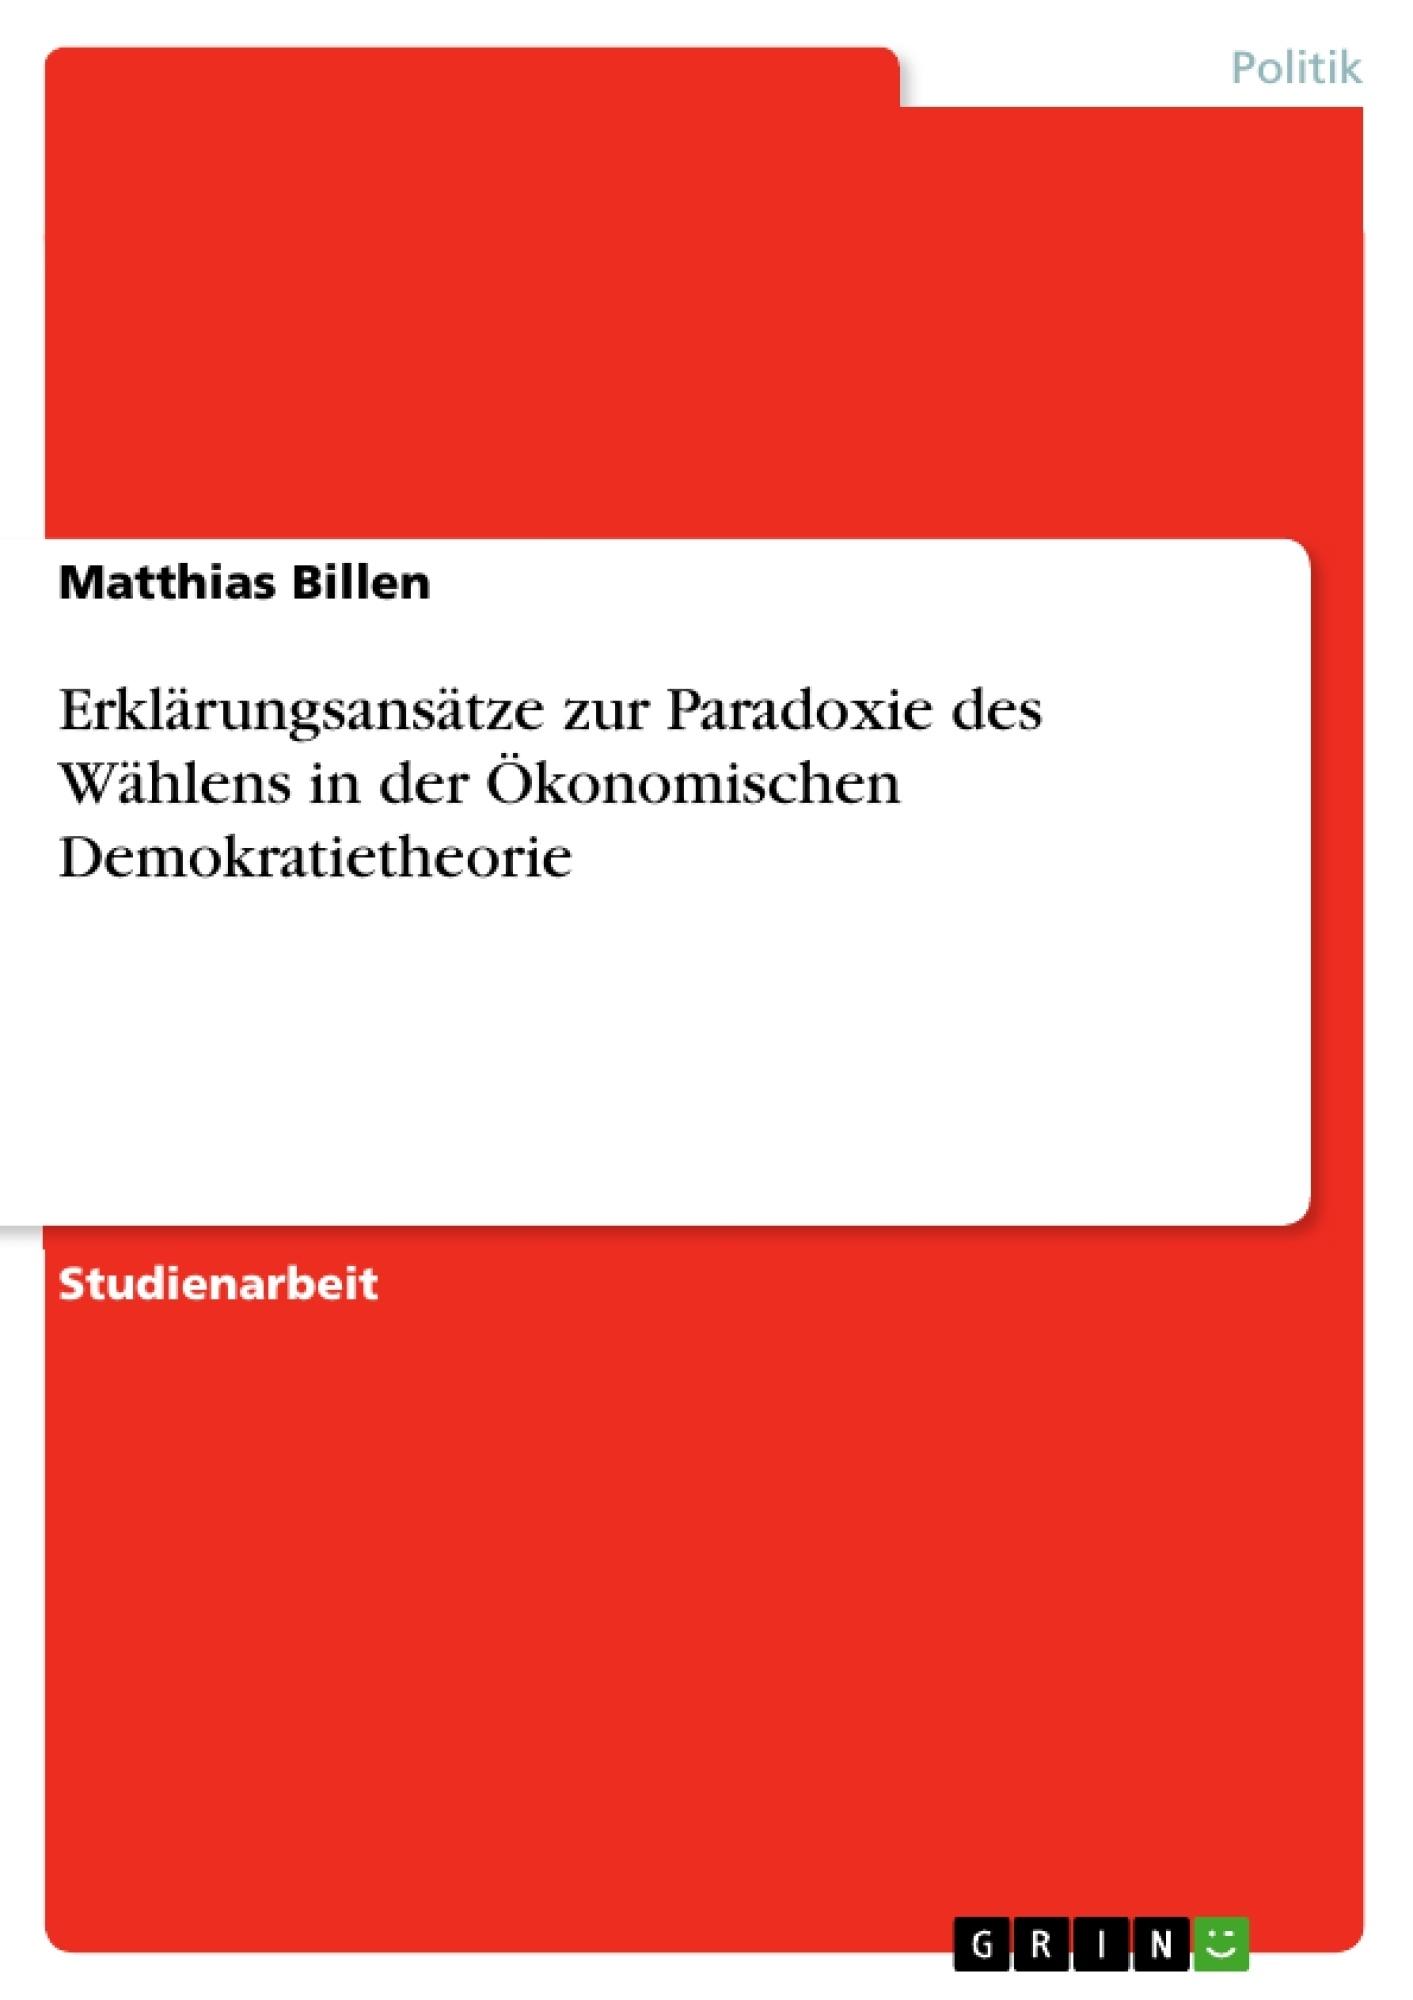 Titel: Erklärungsansätze zur Paradoxie des Wählens in der Ökonomischen Demokratietheorie